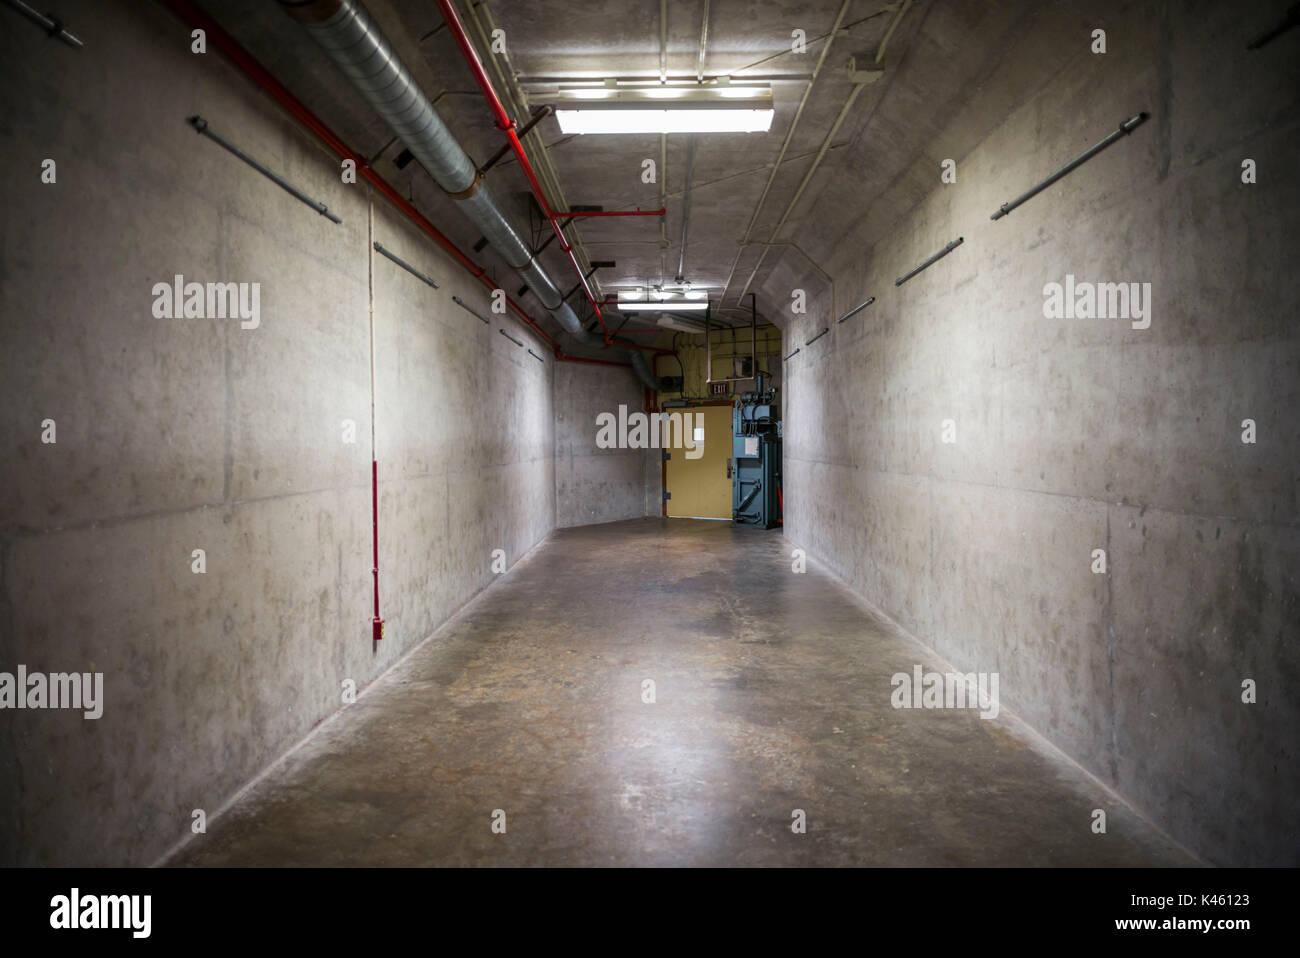 Canadá, Ontario, carpa, el diefenbunker, Museo canadiense de la guerra fría en bunker bunker subterráneo, pasaje Imagen De Stock